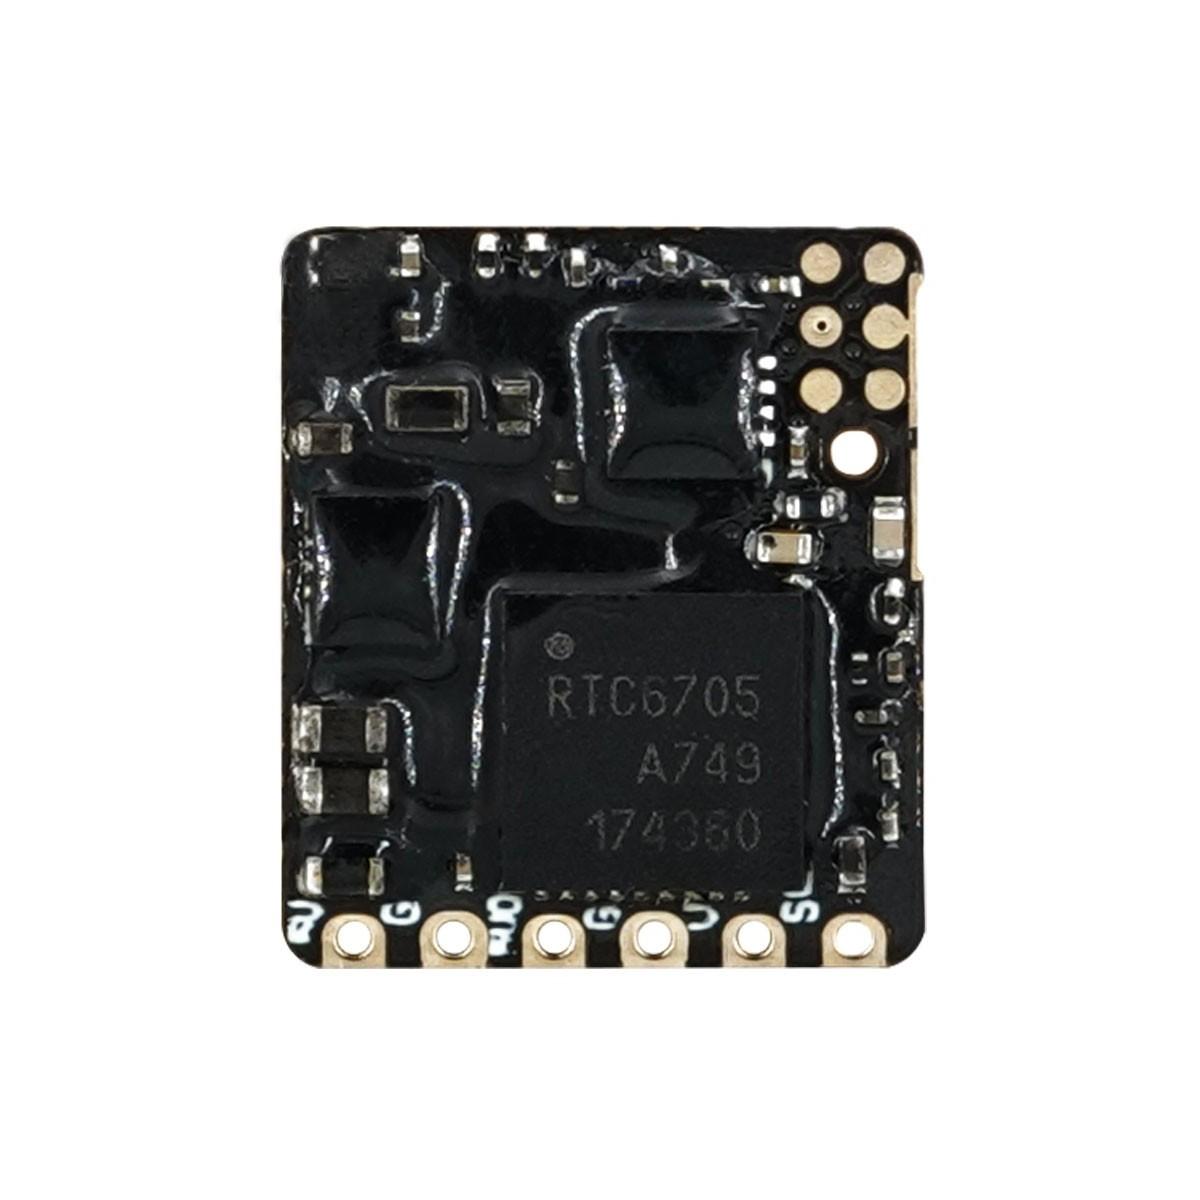 TBS Unify PRO32 NANO 5G8 - 25mw-100mw-400mw VTX